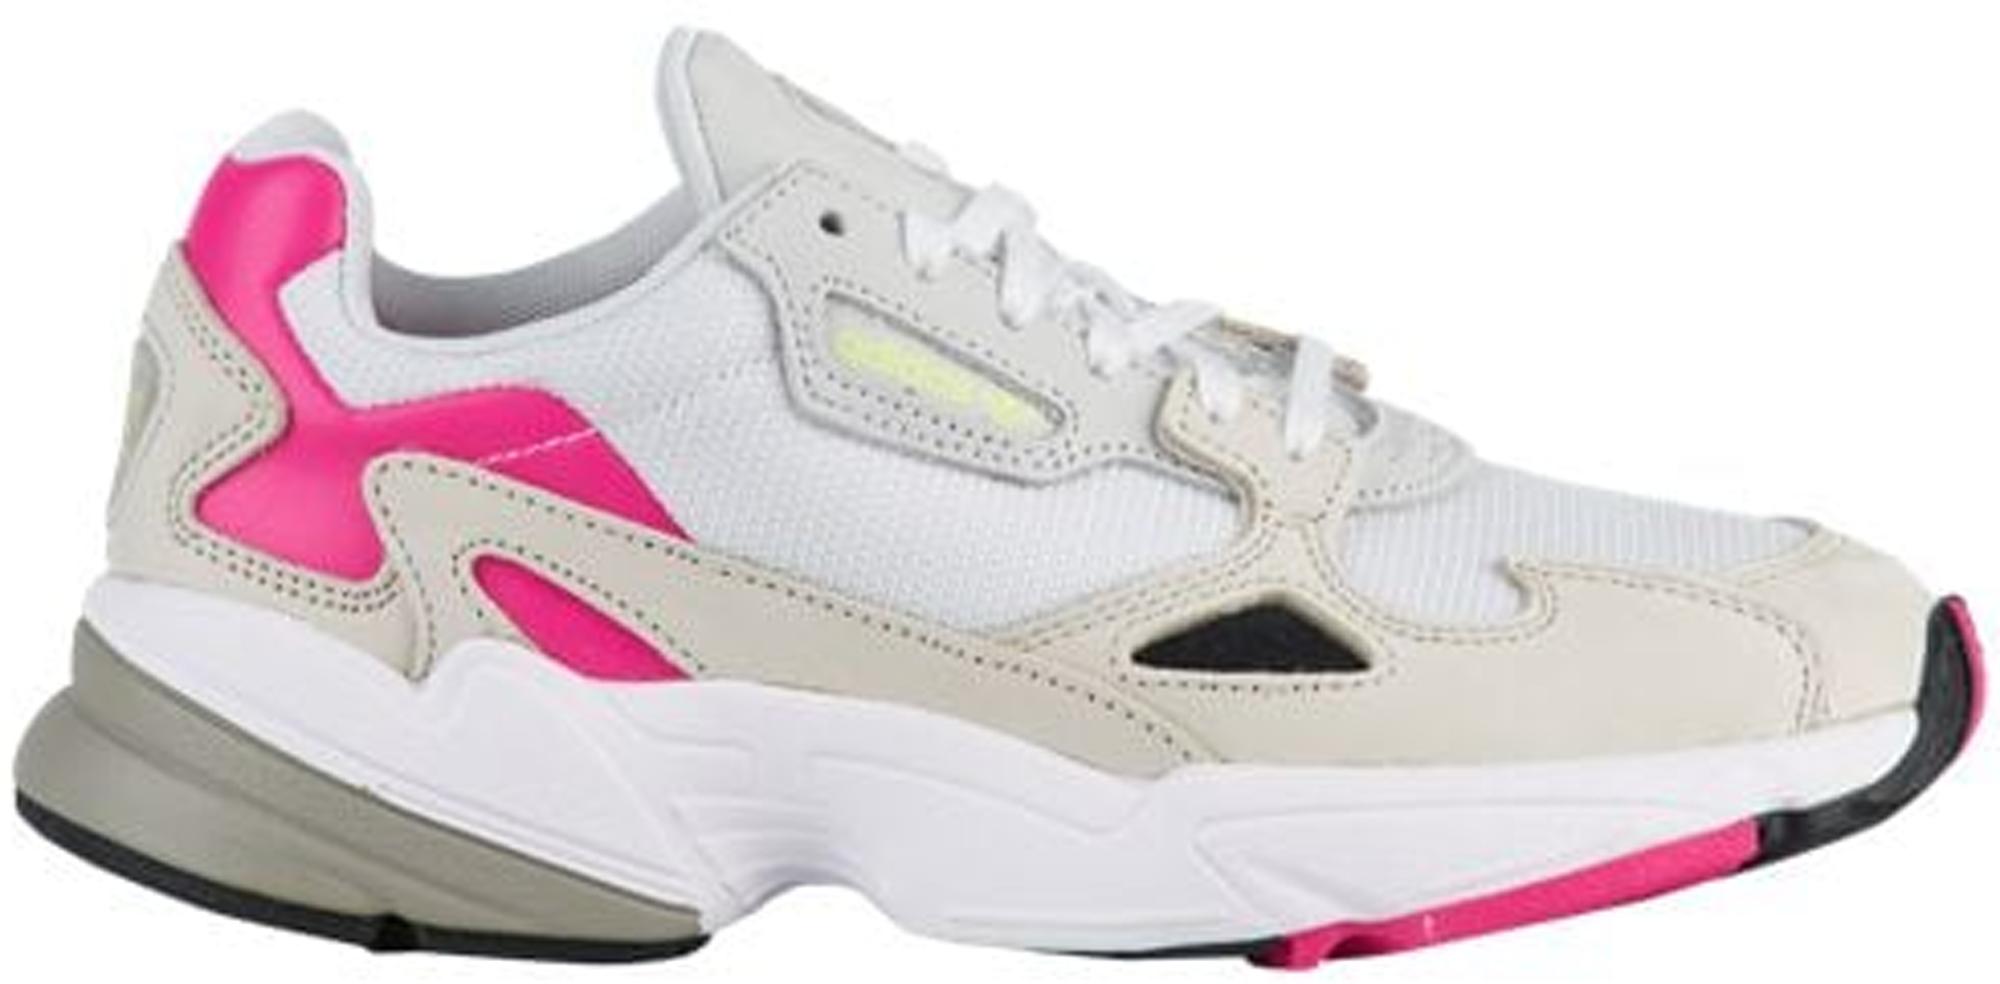 adidas Falcon Grey Pink (W) - CM8537